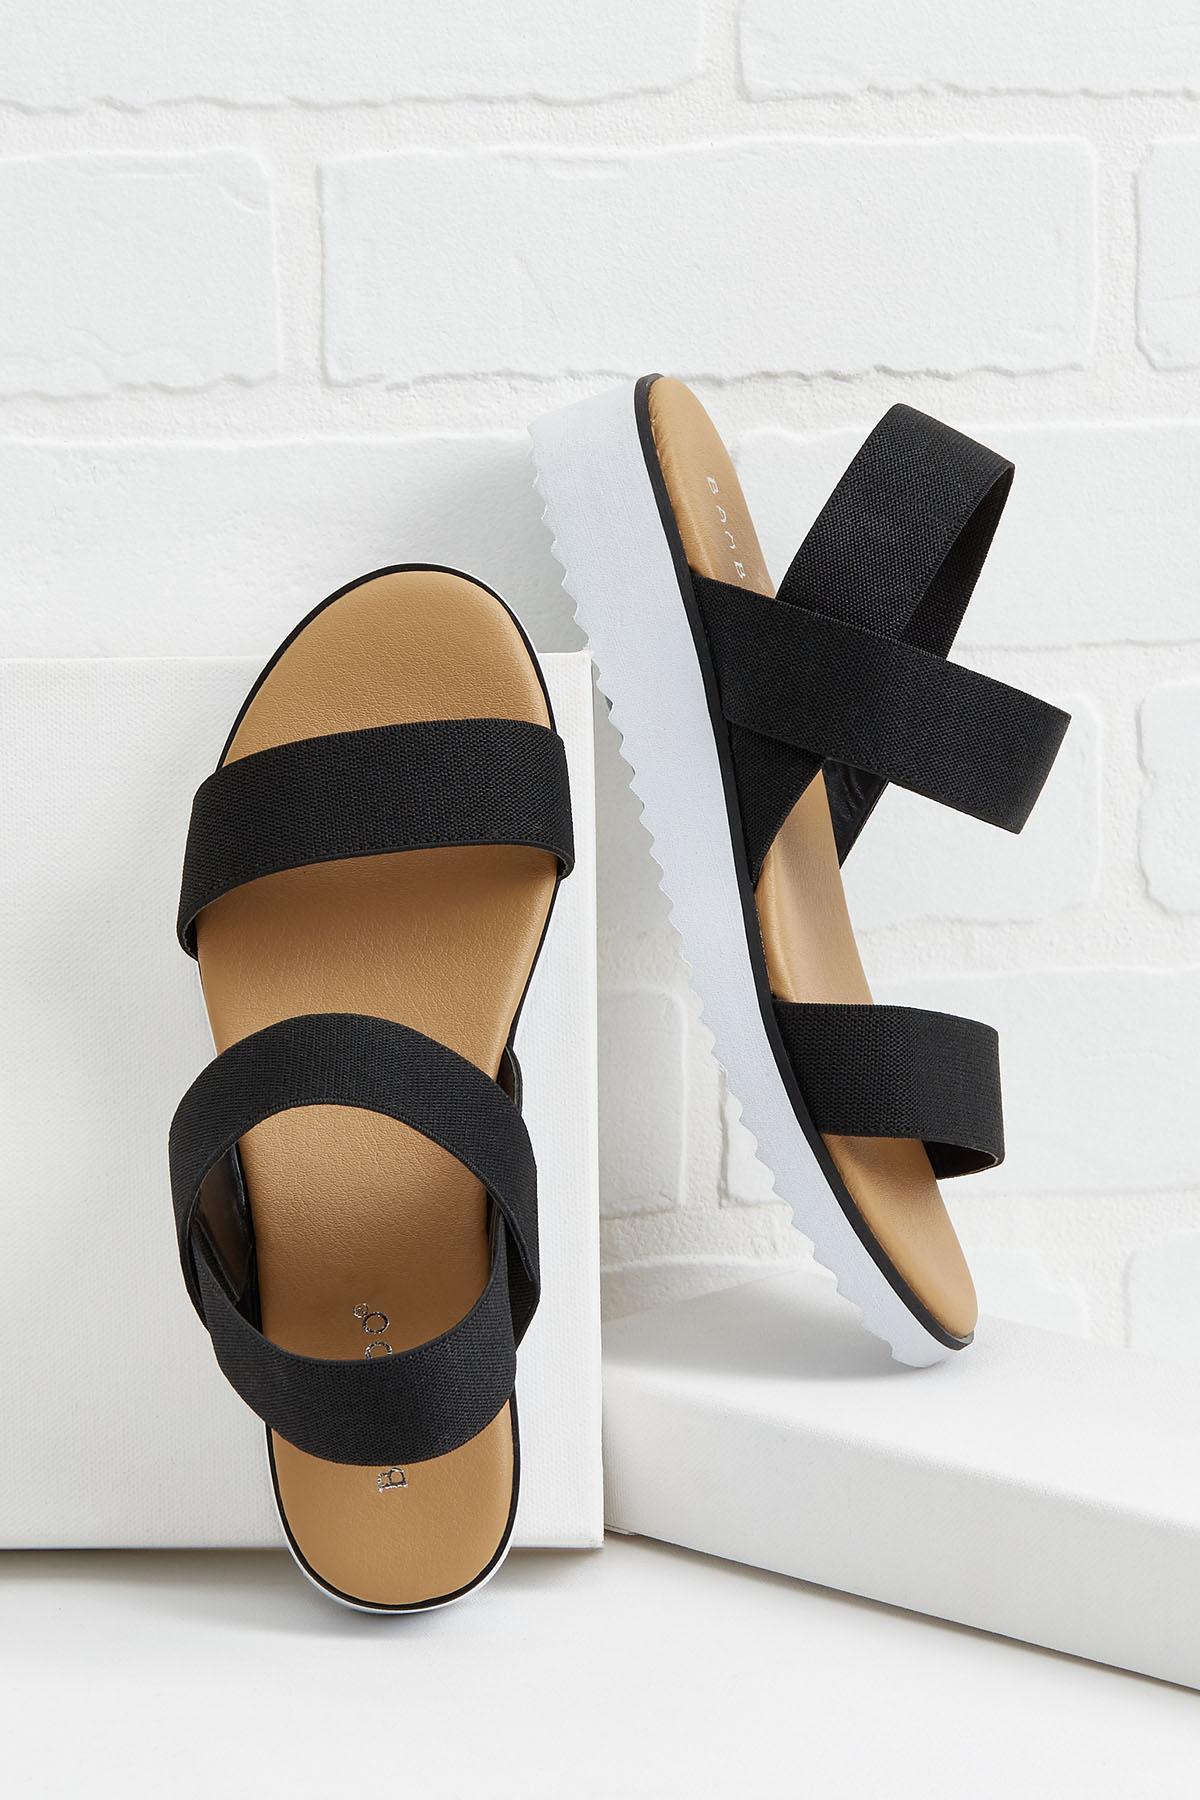 Bit Of A Stretch Sandals